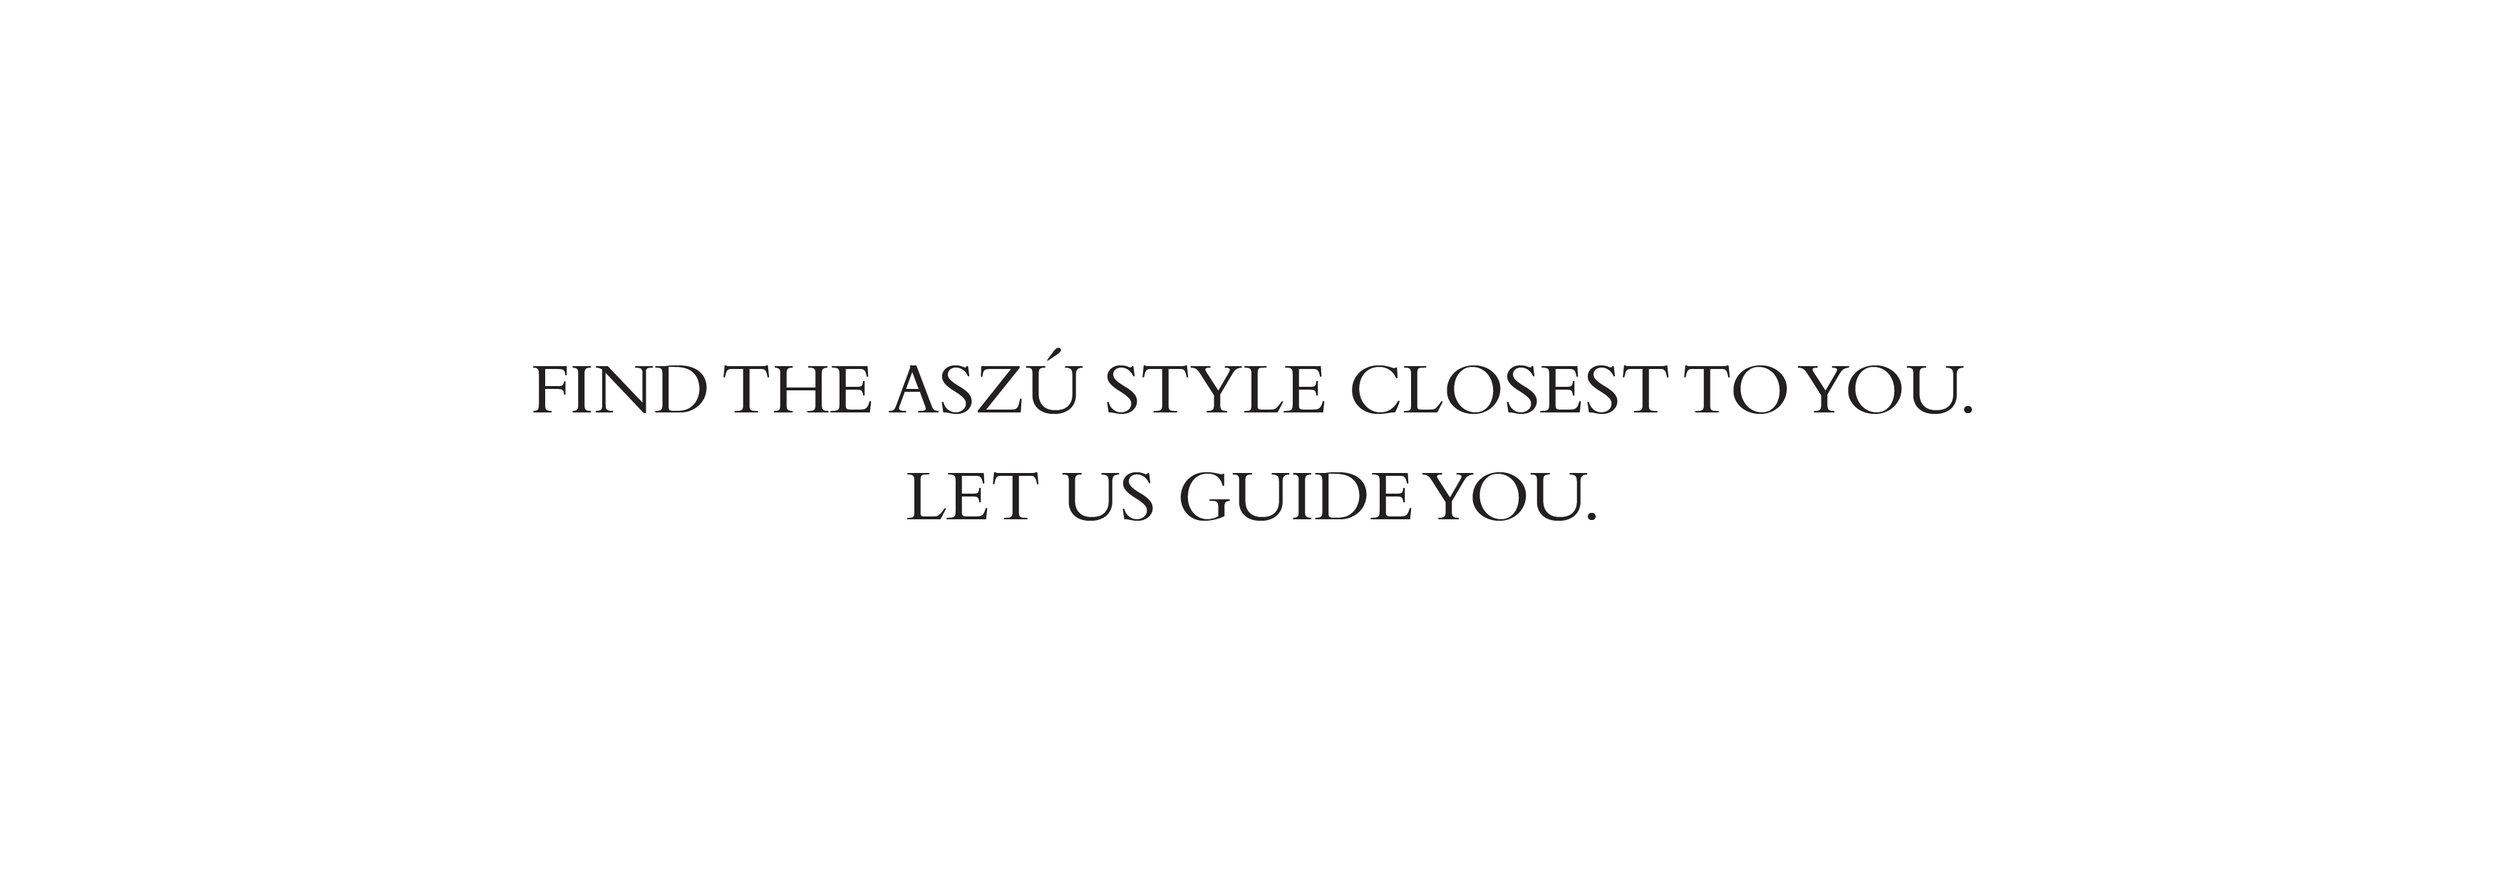 Aszu_Prime_behance-18.jpg